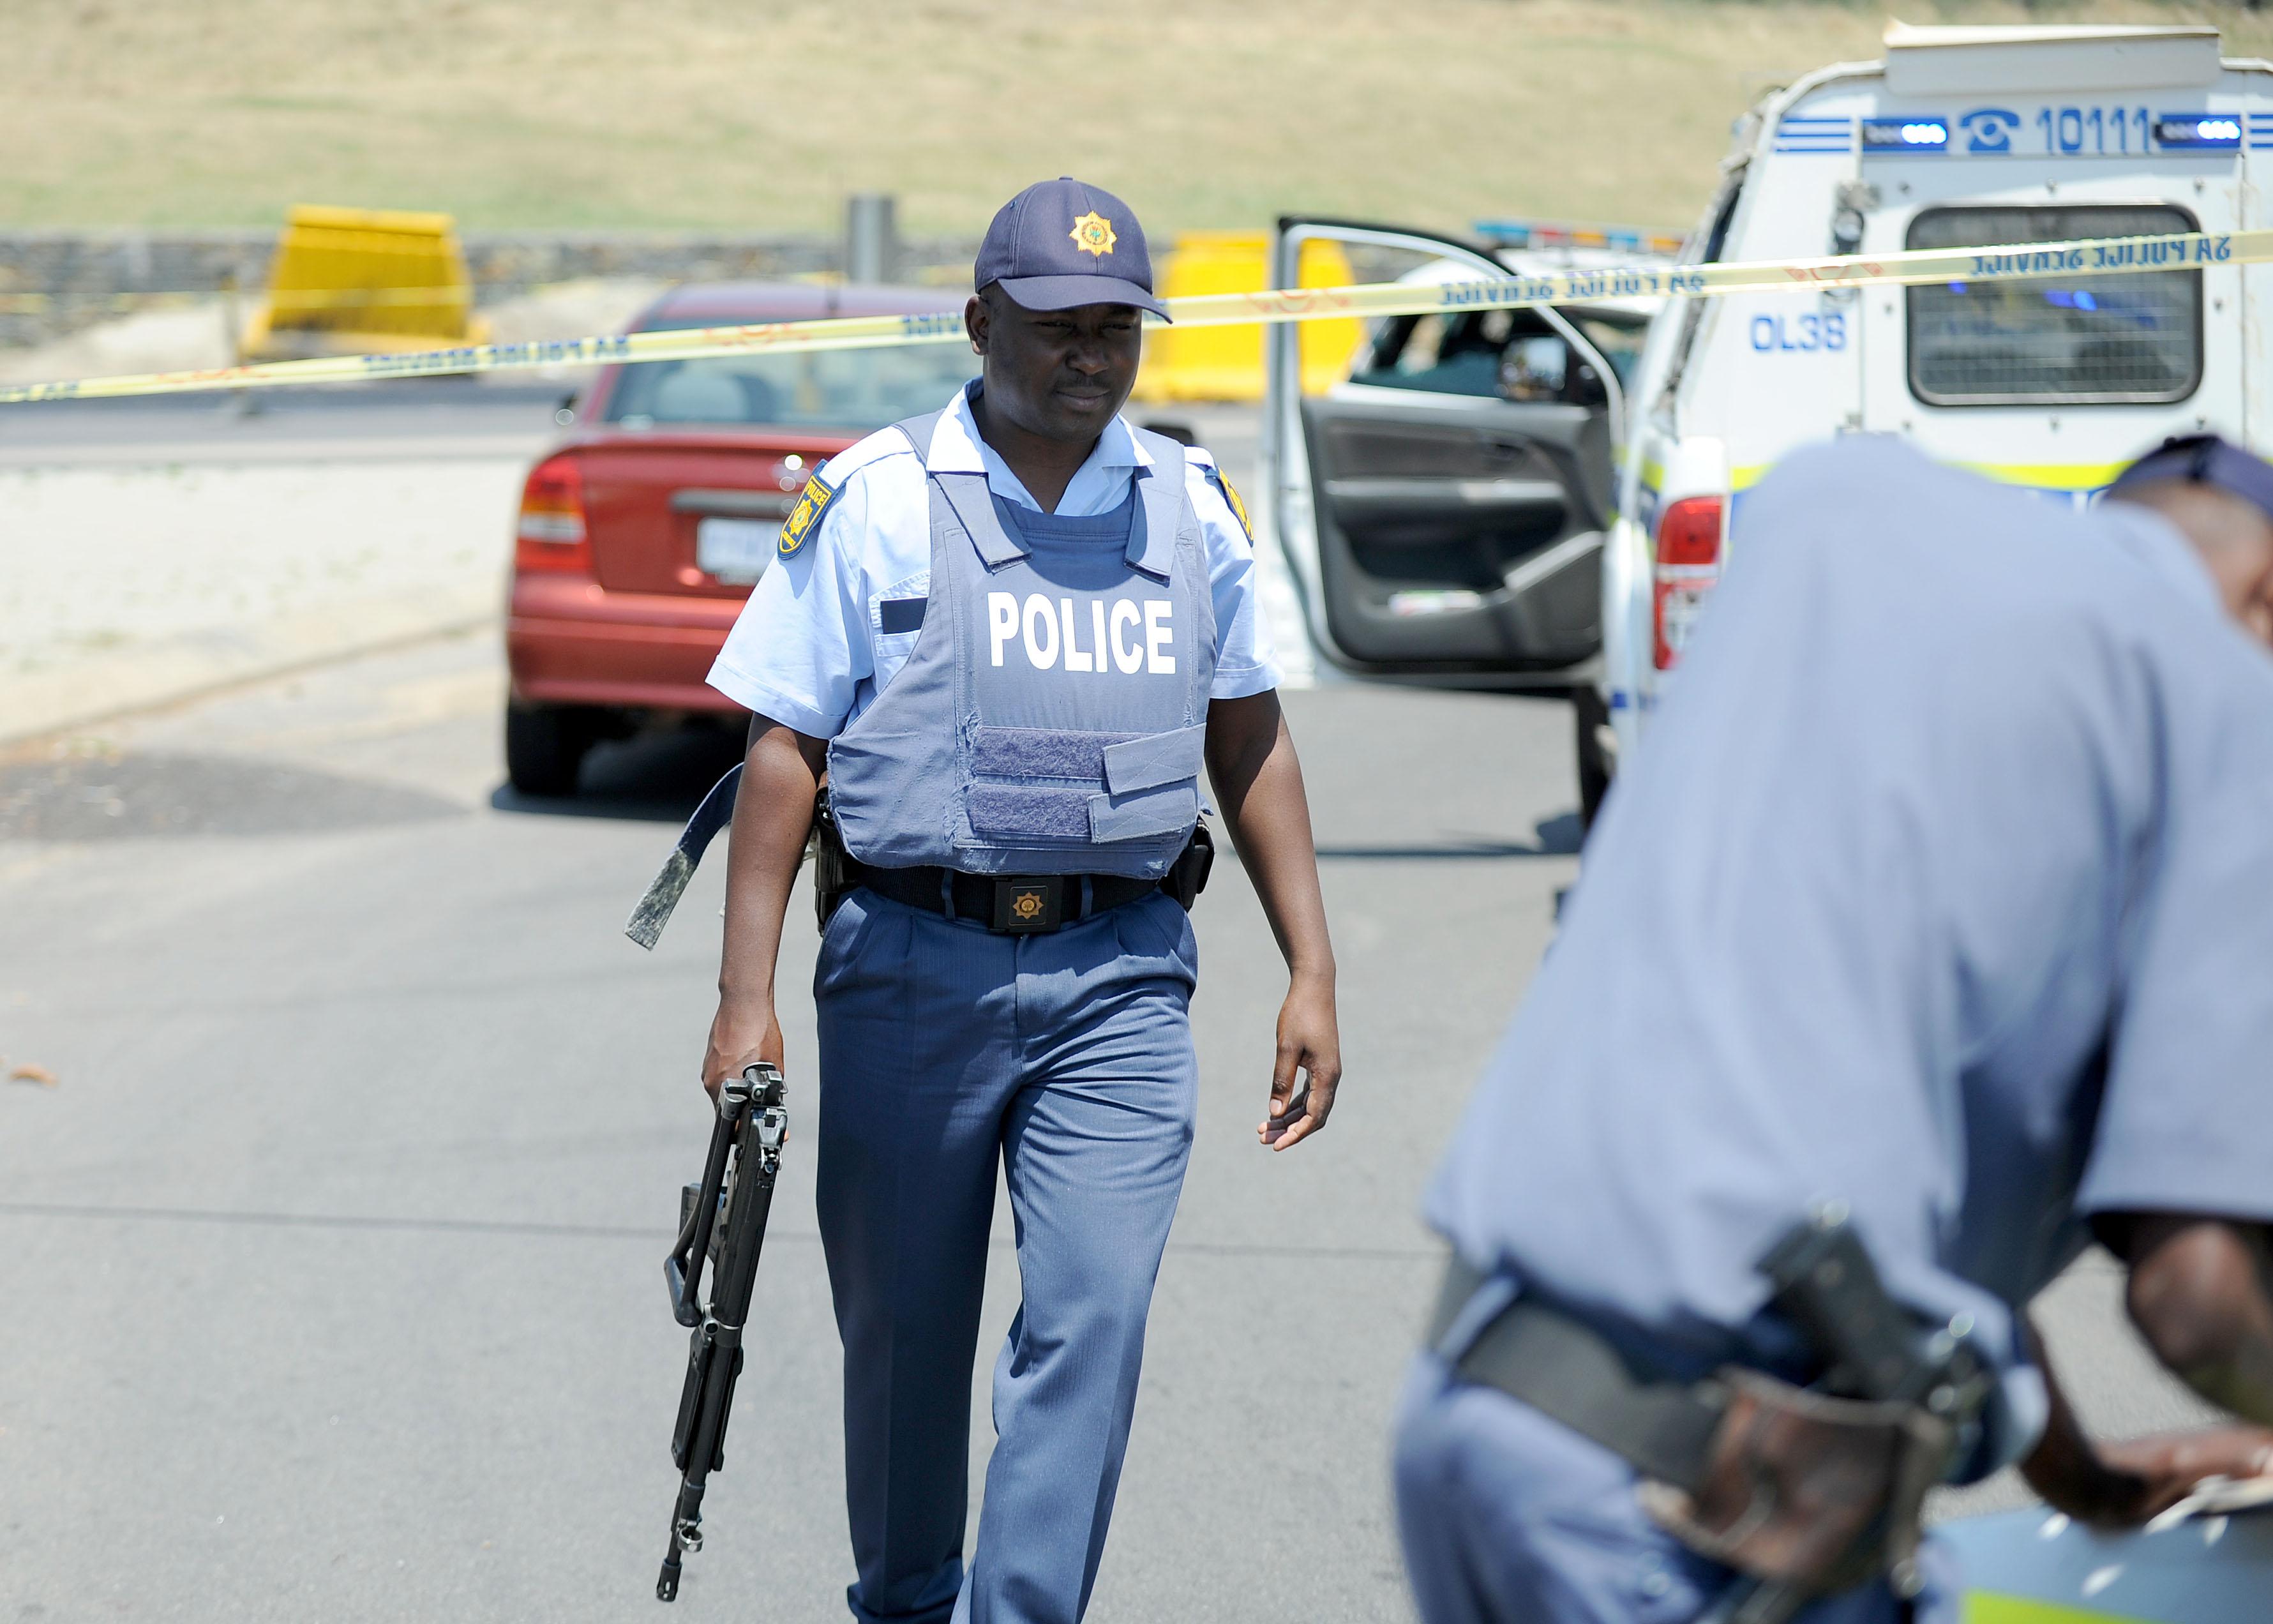 FILE PIC: SAPS at a crime scene. Picture: Refilwe Modise